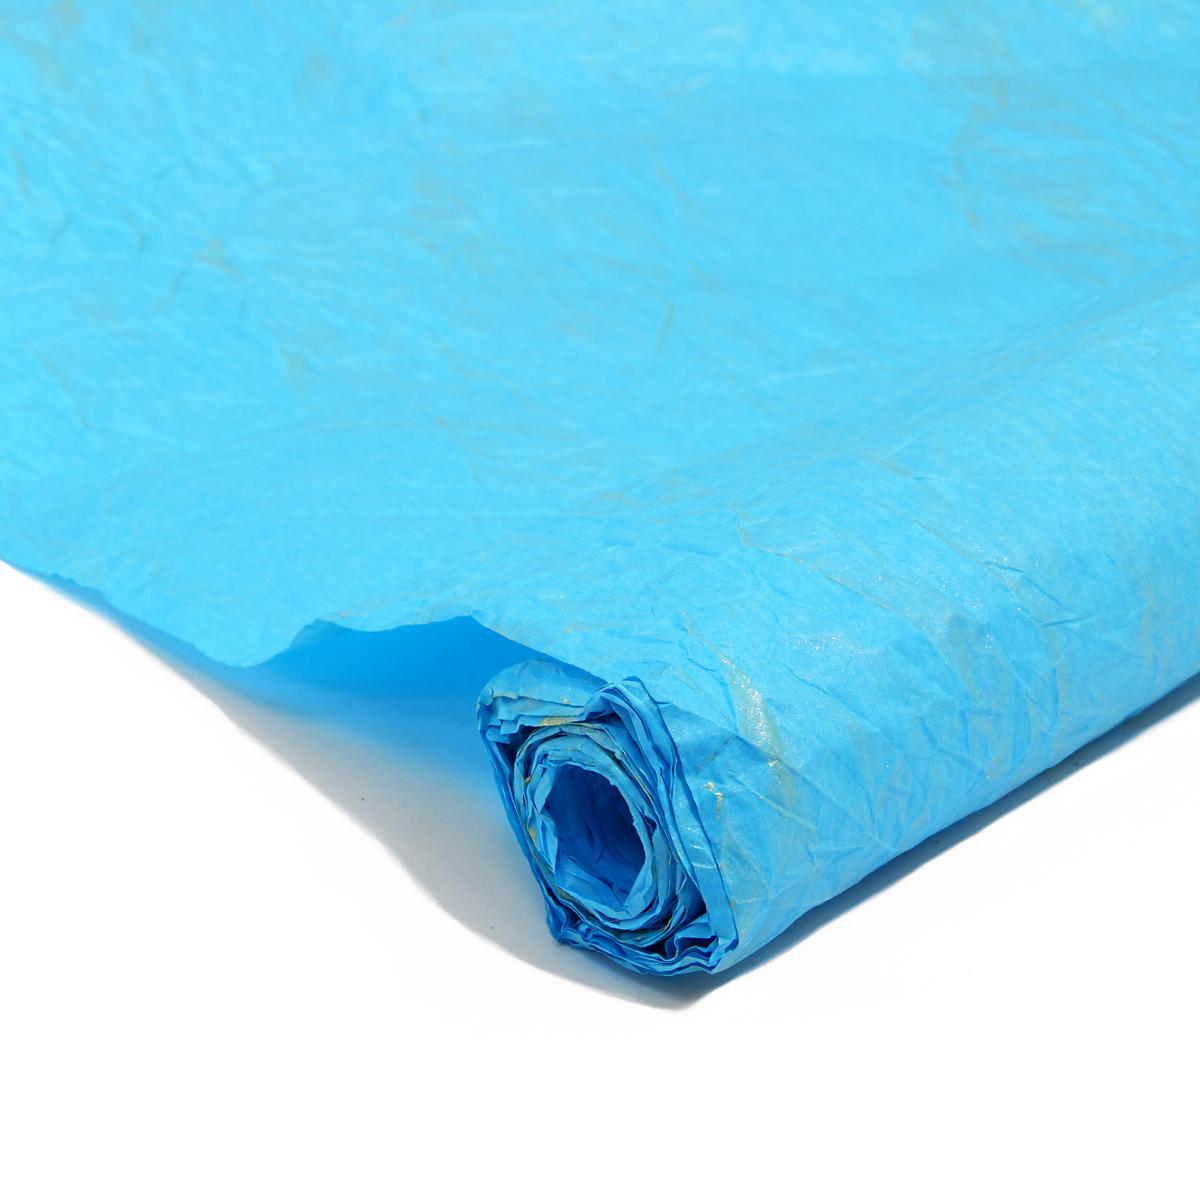 Бумага упаковочная Veld-Co Эколюкc, цвет: голубой, золотистый, 70 см х 5 м44131Бумага Veld-Co Эколюкc - это универсальный материал дляупаковки подарков и оформления букетов. Она достаточноплотная и в тоже время пластичная. Благодаря органичнойфактуре, великолепно ложится и на нестандартные формы(круглые, овальные). Эта бумага хорошо комбинируется с другими материалами. Её можноиспользовать в качестве декоративных элементов. К ней легко подобратьаксессуары - подойдут натуральные шнуры, рафия, ленты (репсовая,шёлковая, хлопковая). Благодаря этому материалу - мастер выполнитлюбую задачу, поставленную перед ним. Ко всему прочему- бумагу в рулоне удобнее хранить, использовать,транспортировать.